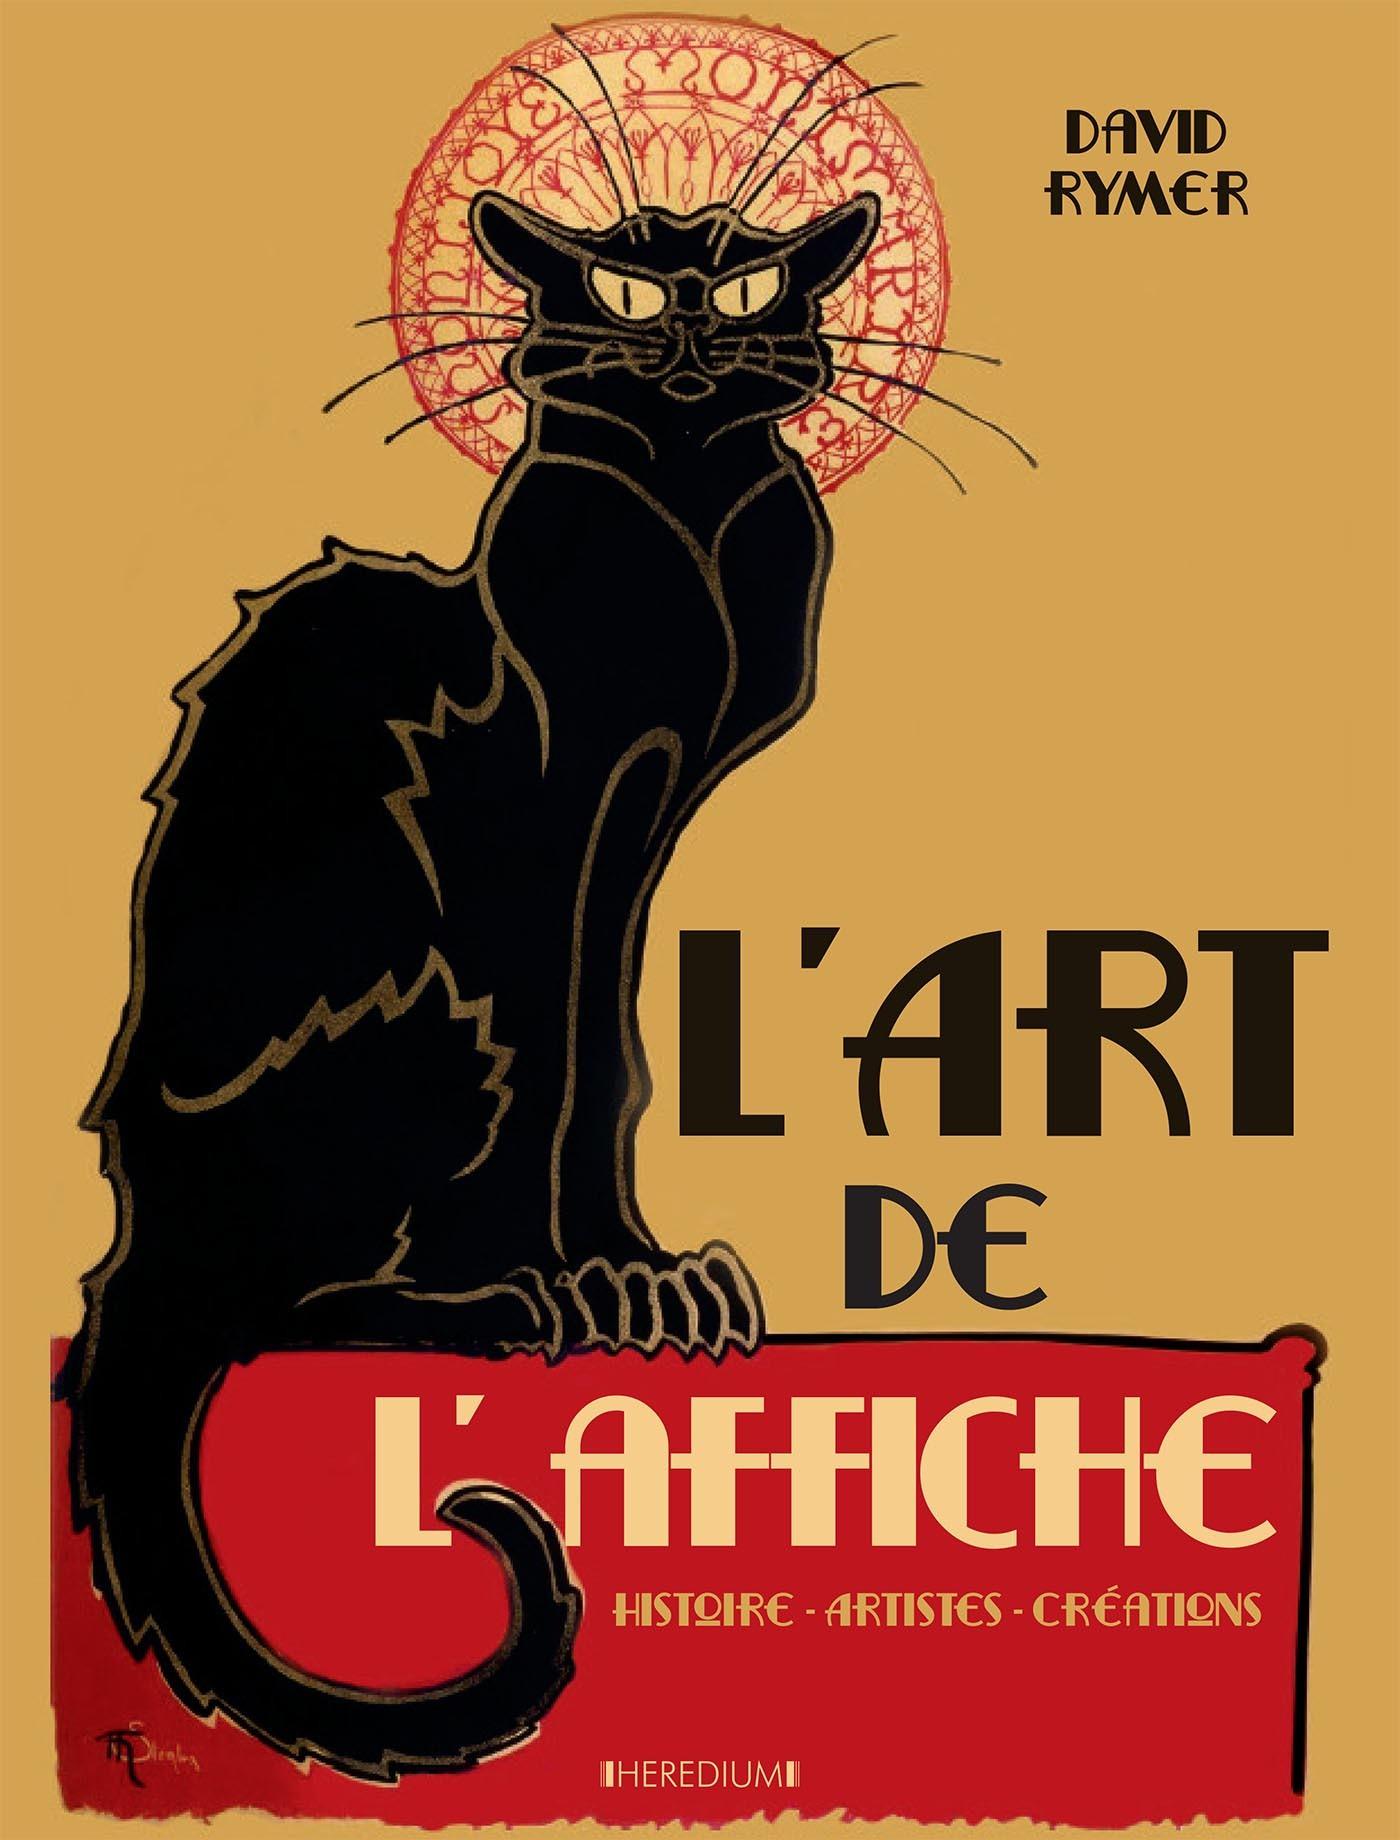 L'ART DE L'AFFICHE